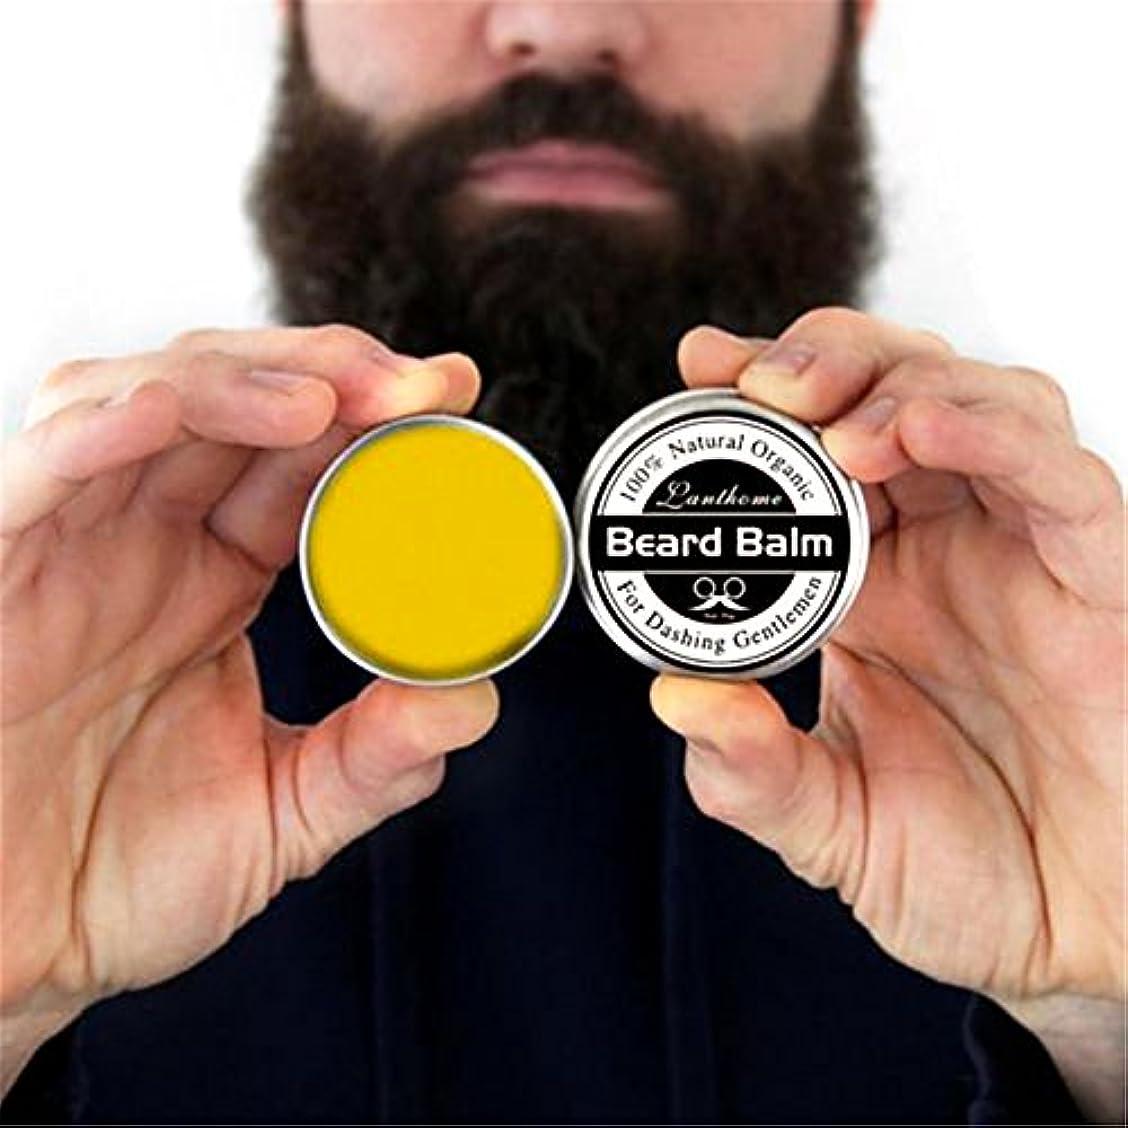 入学する皮肉なハンディRuier-tong ビアードバーム メンズひげワックス 口髭用ワックス ひげクリーム 保湿/滋養/ひげ根のケアなどの効果  ひげケア必需品 携帯便利